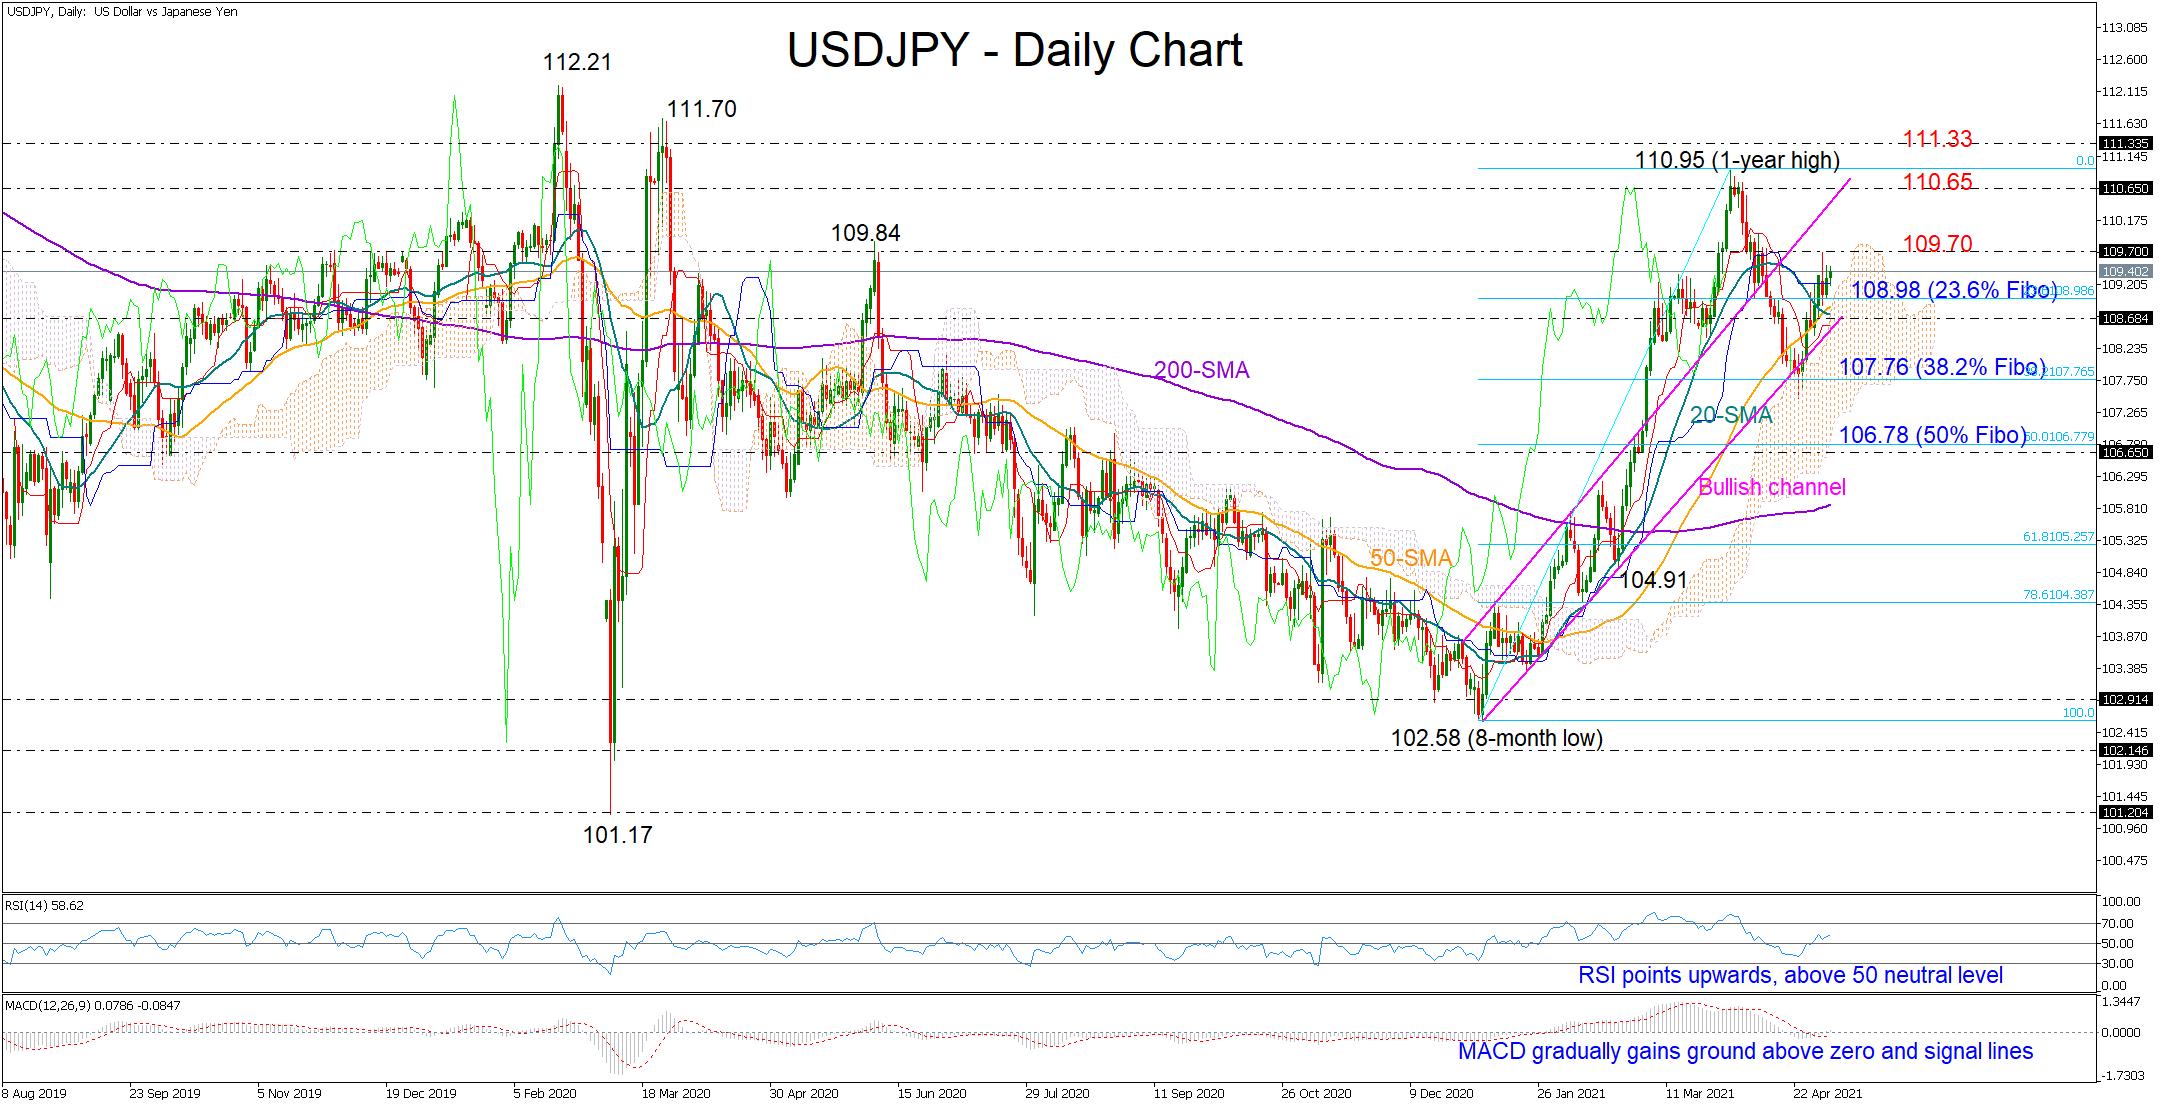 التحليل الفنى USDJPY الدولار ين - 05.05.2021